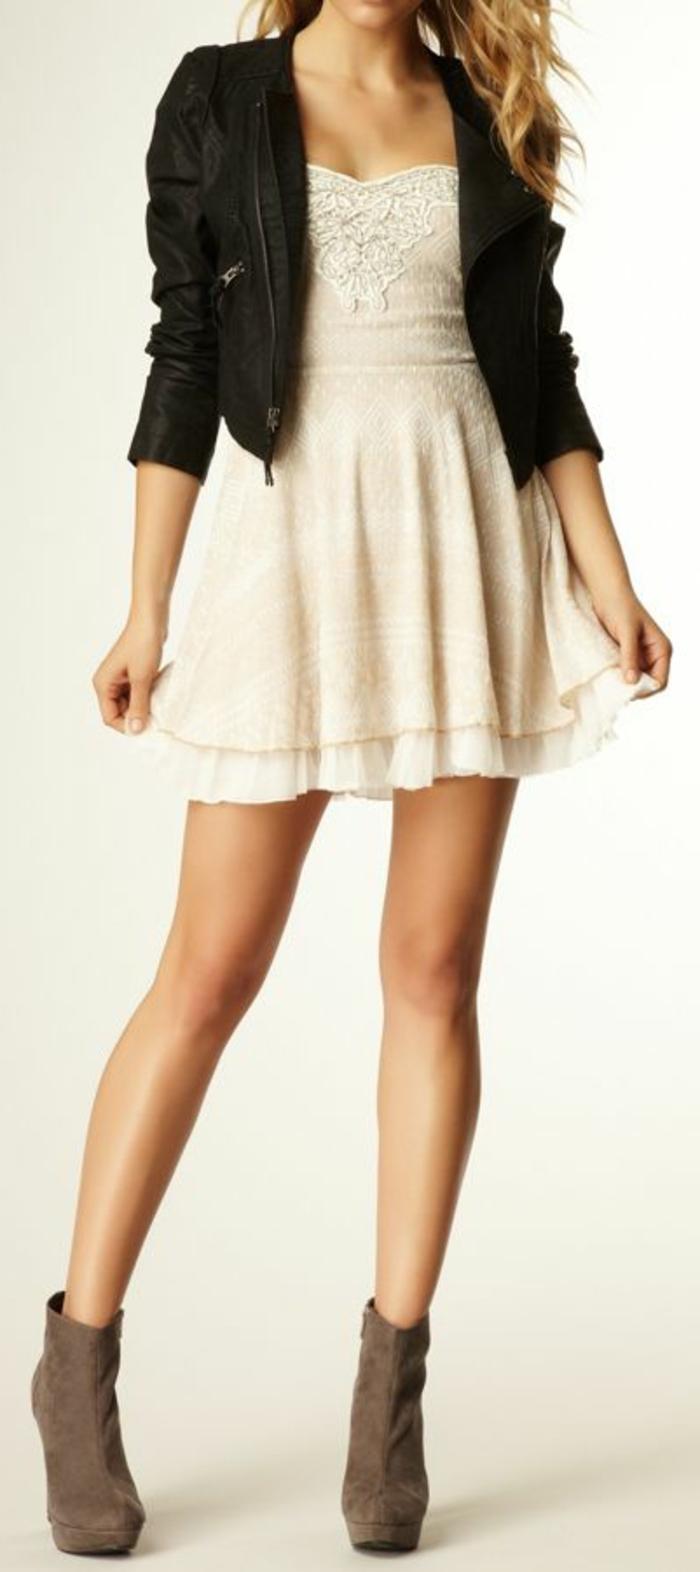 tenue-été-robe-en-dentelle-blanche-robe-blanche-dentelle-courte-la-veste-en-cuir